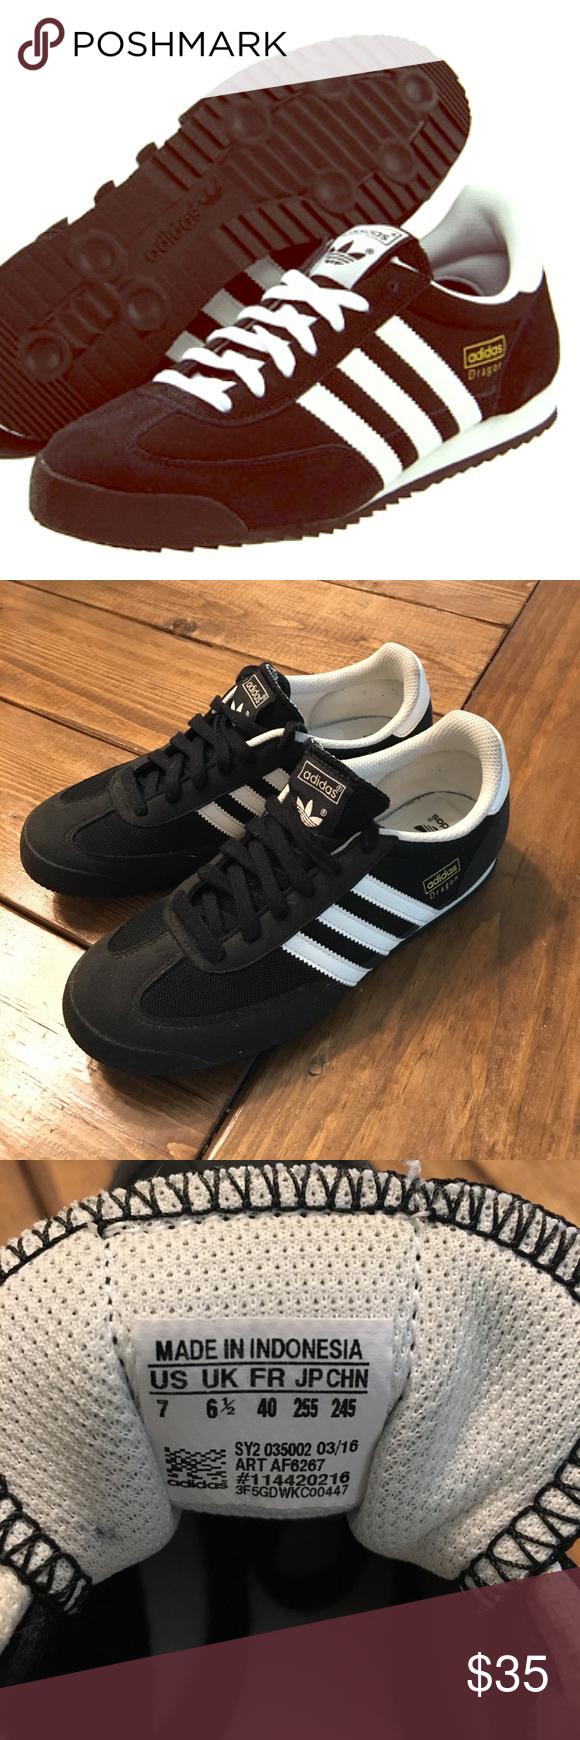 Adidas Dragon  mujer 's tamaño 7 en el clasico negro adidas, deportivo